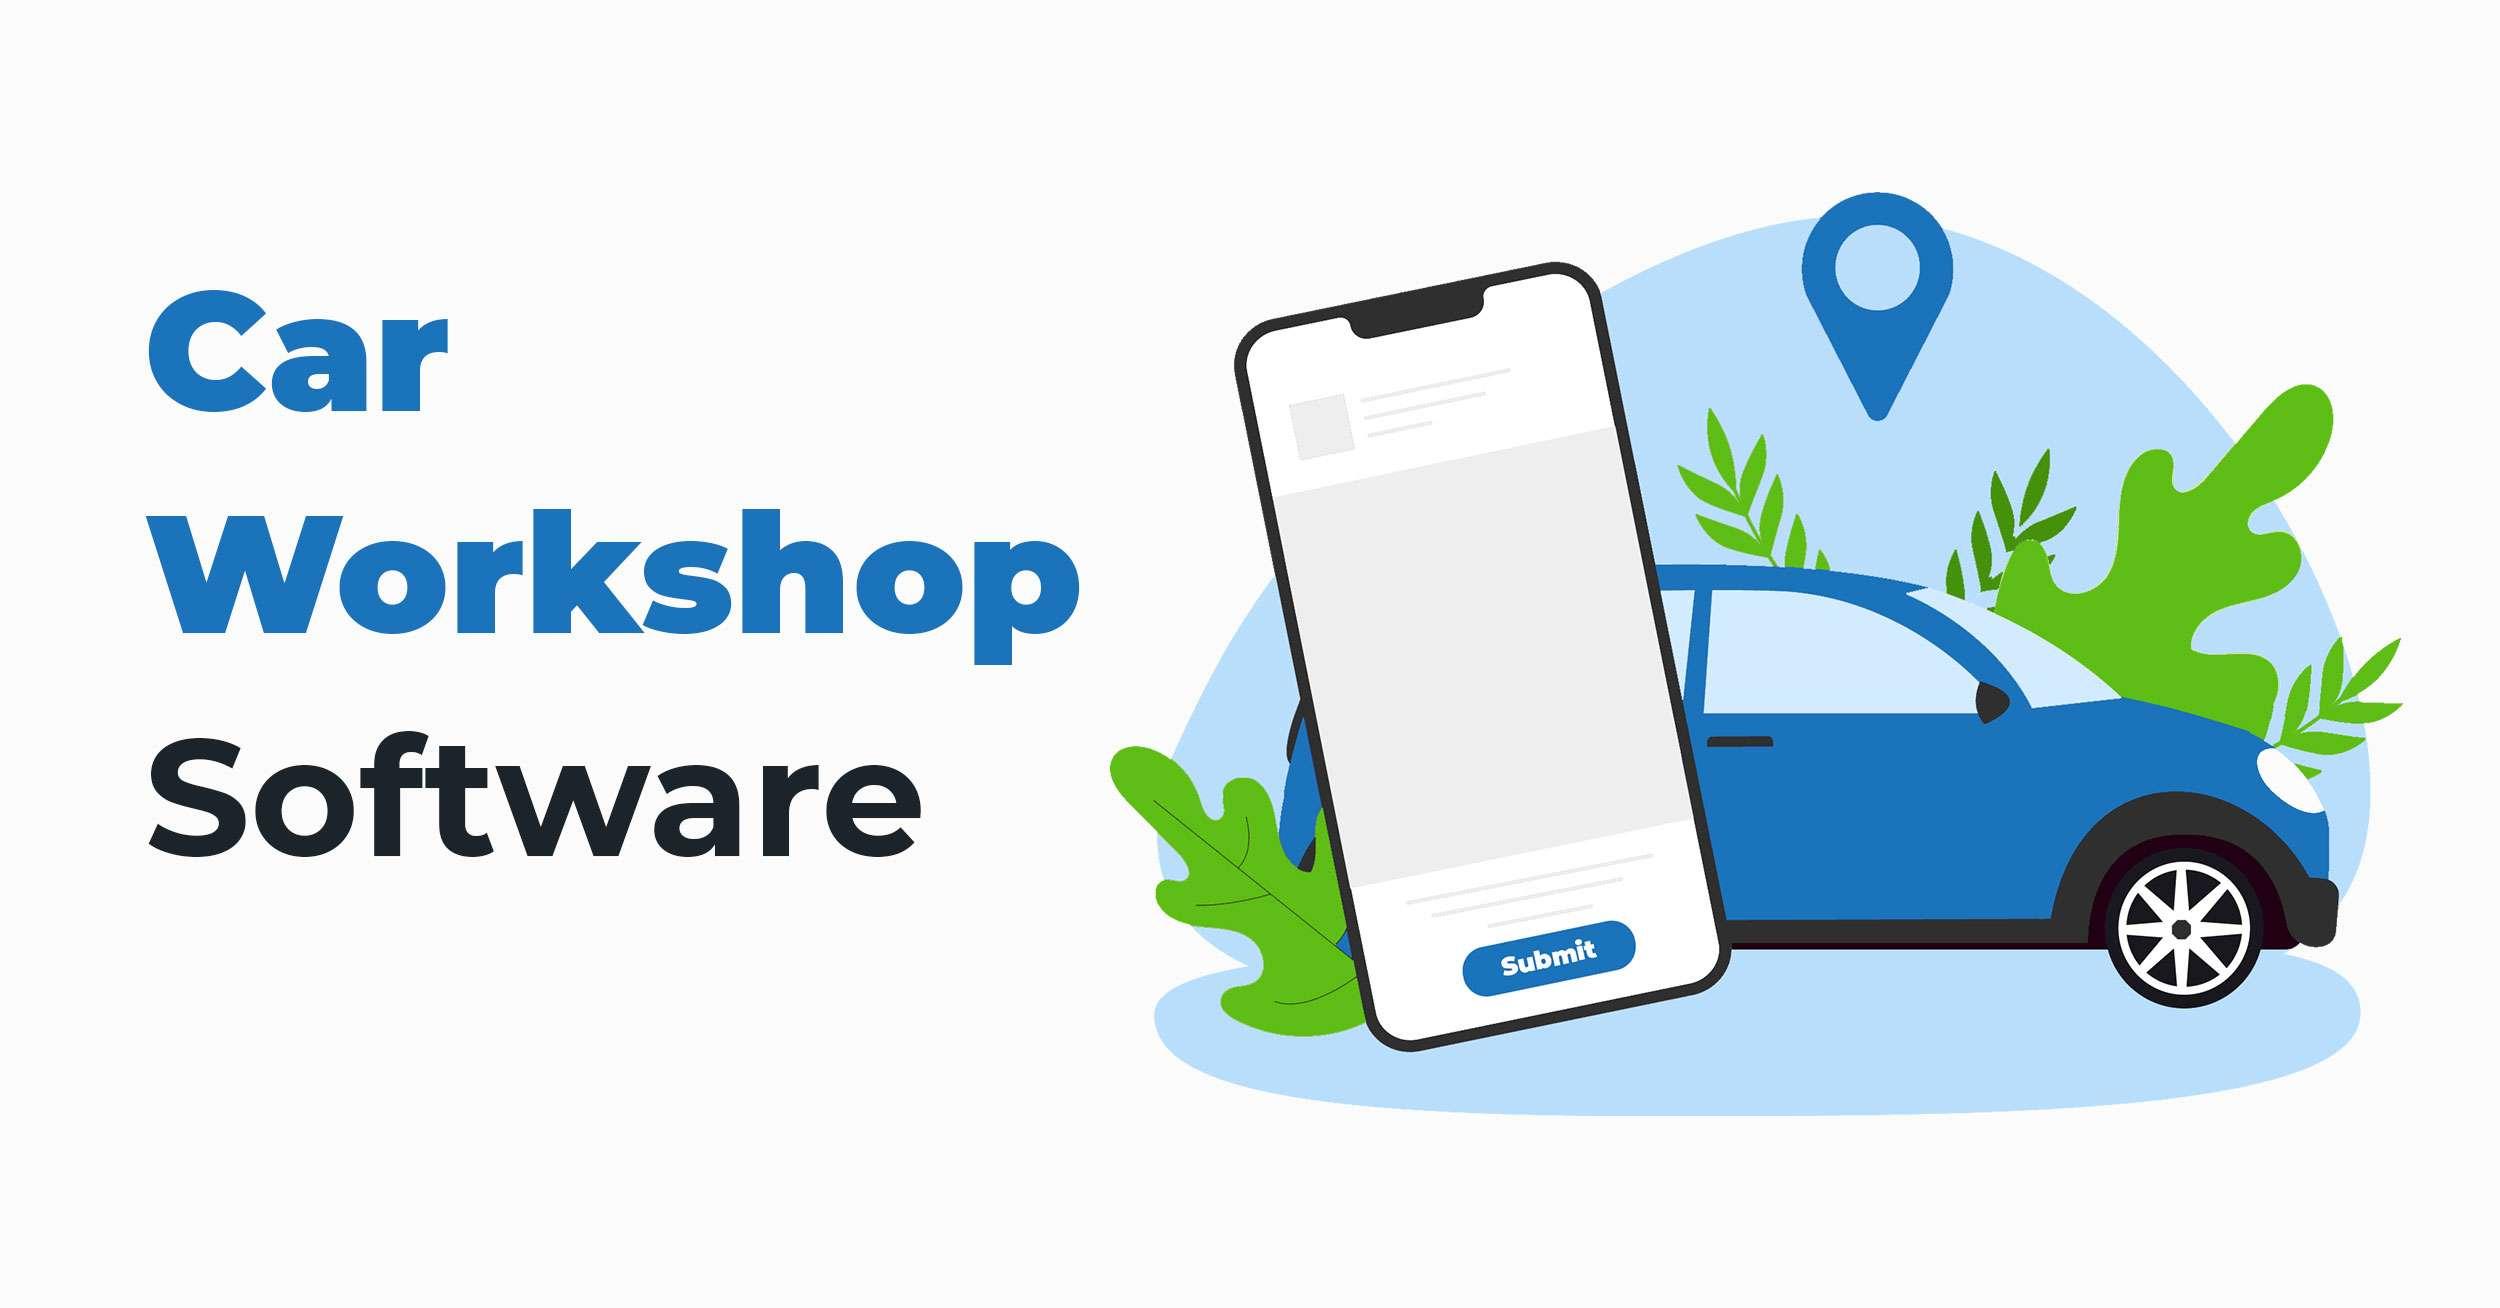 Car Workshop Software 1